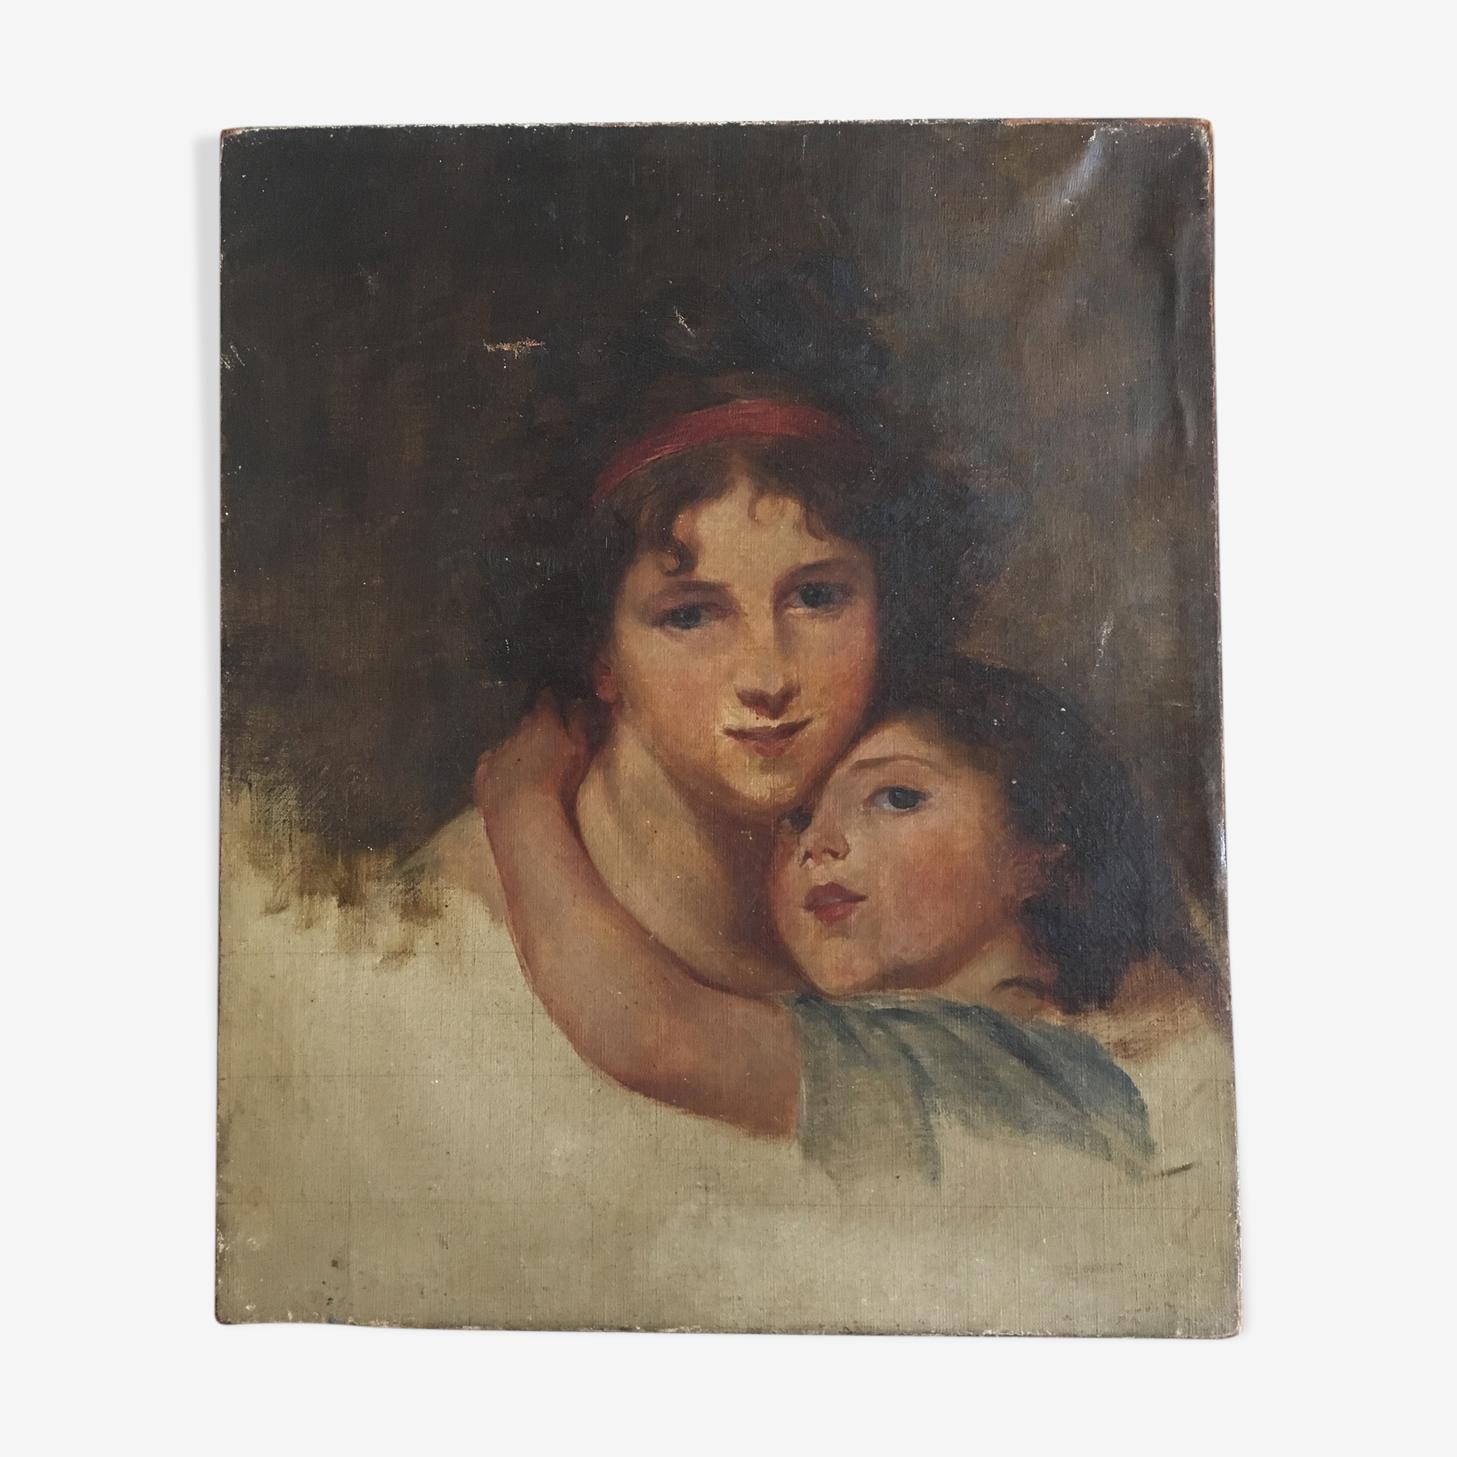 Portrait de jeune femme 1800s et sa fille, début 20e